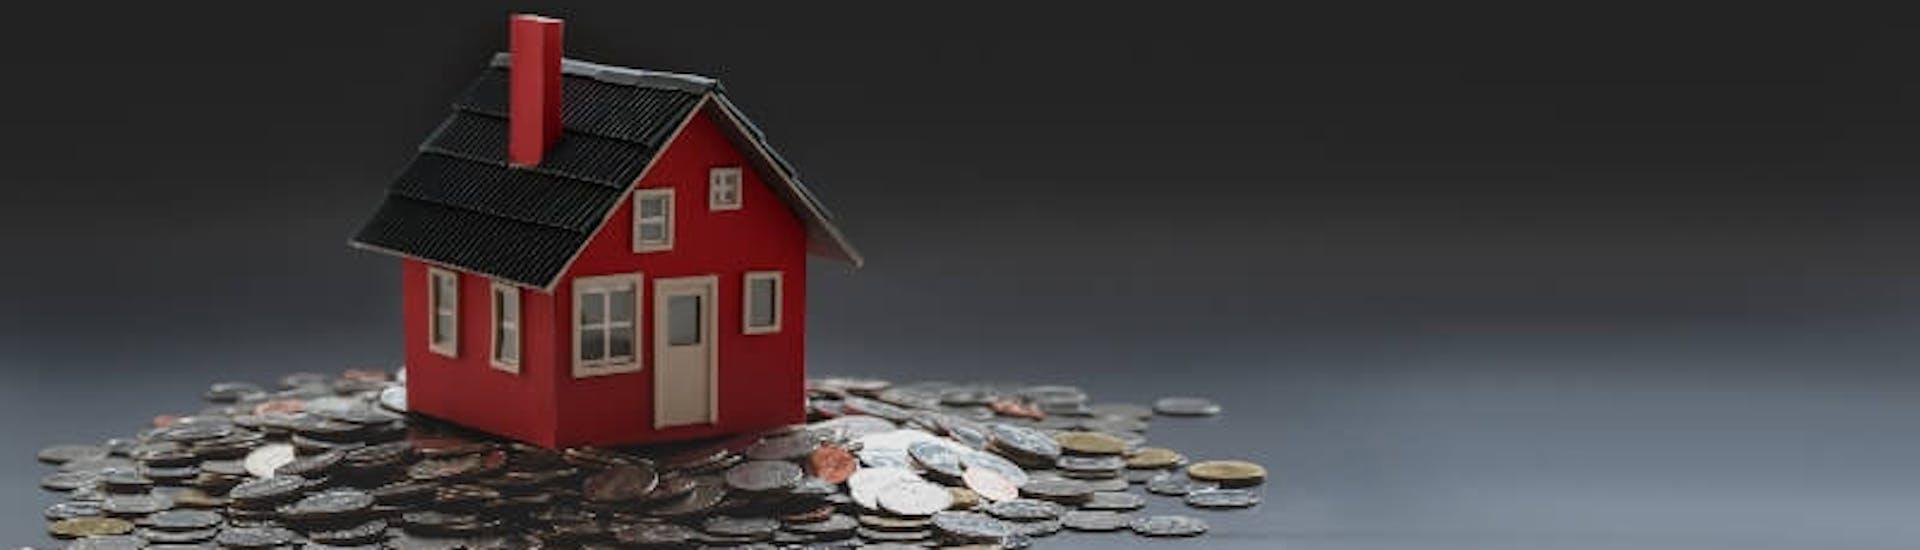 kredits privatmajas buvniecibai